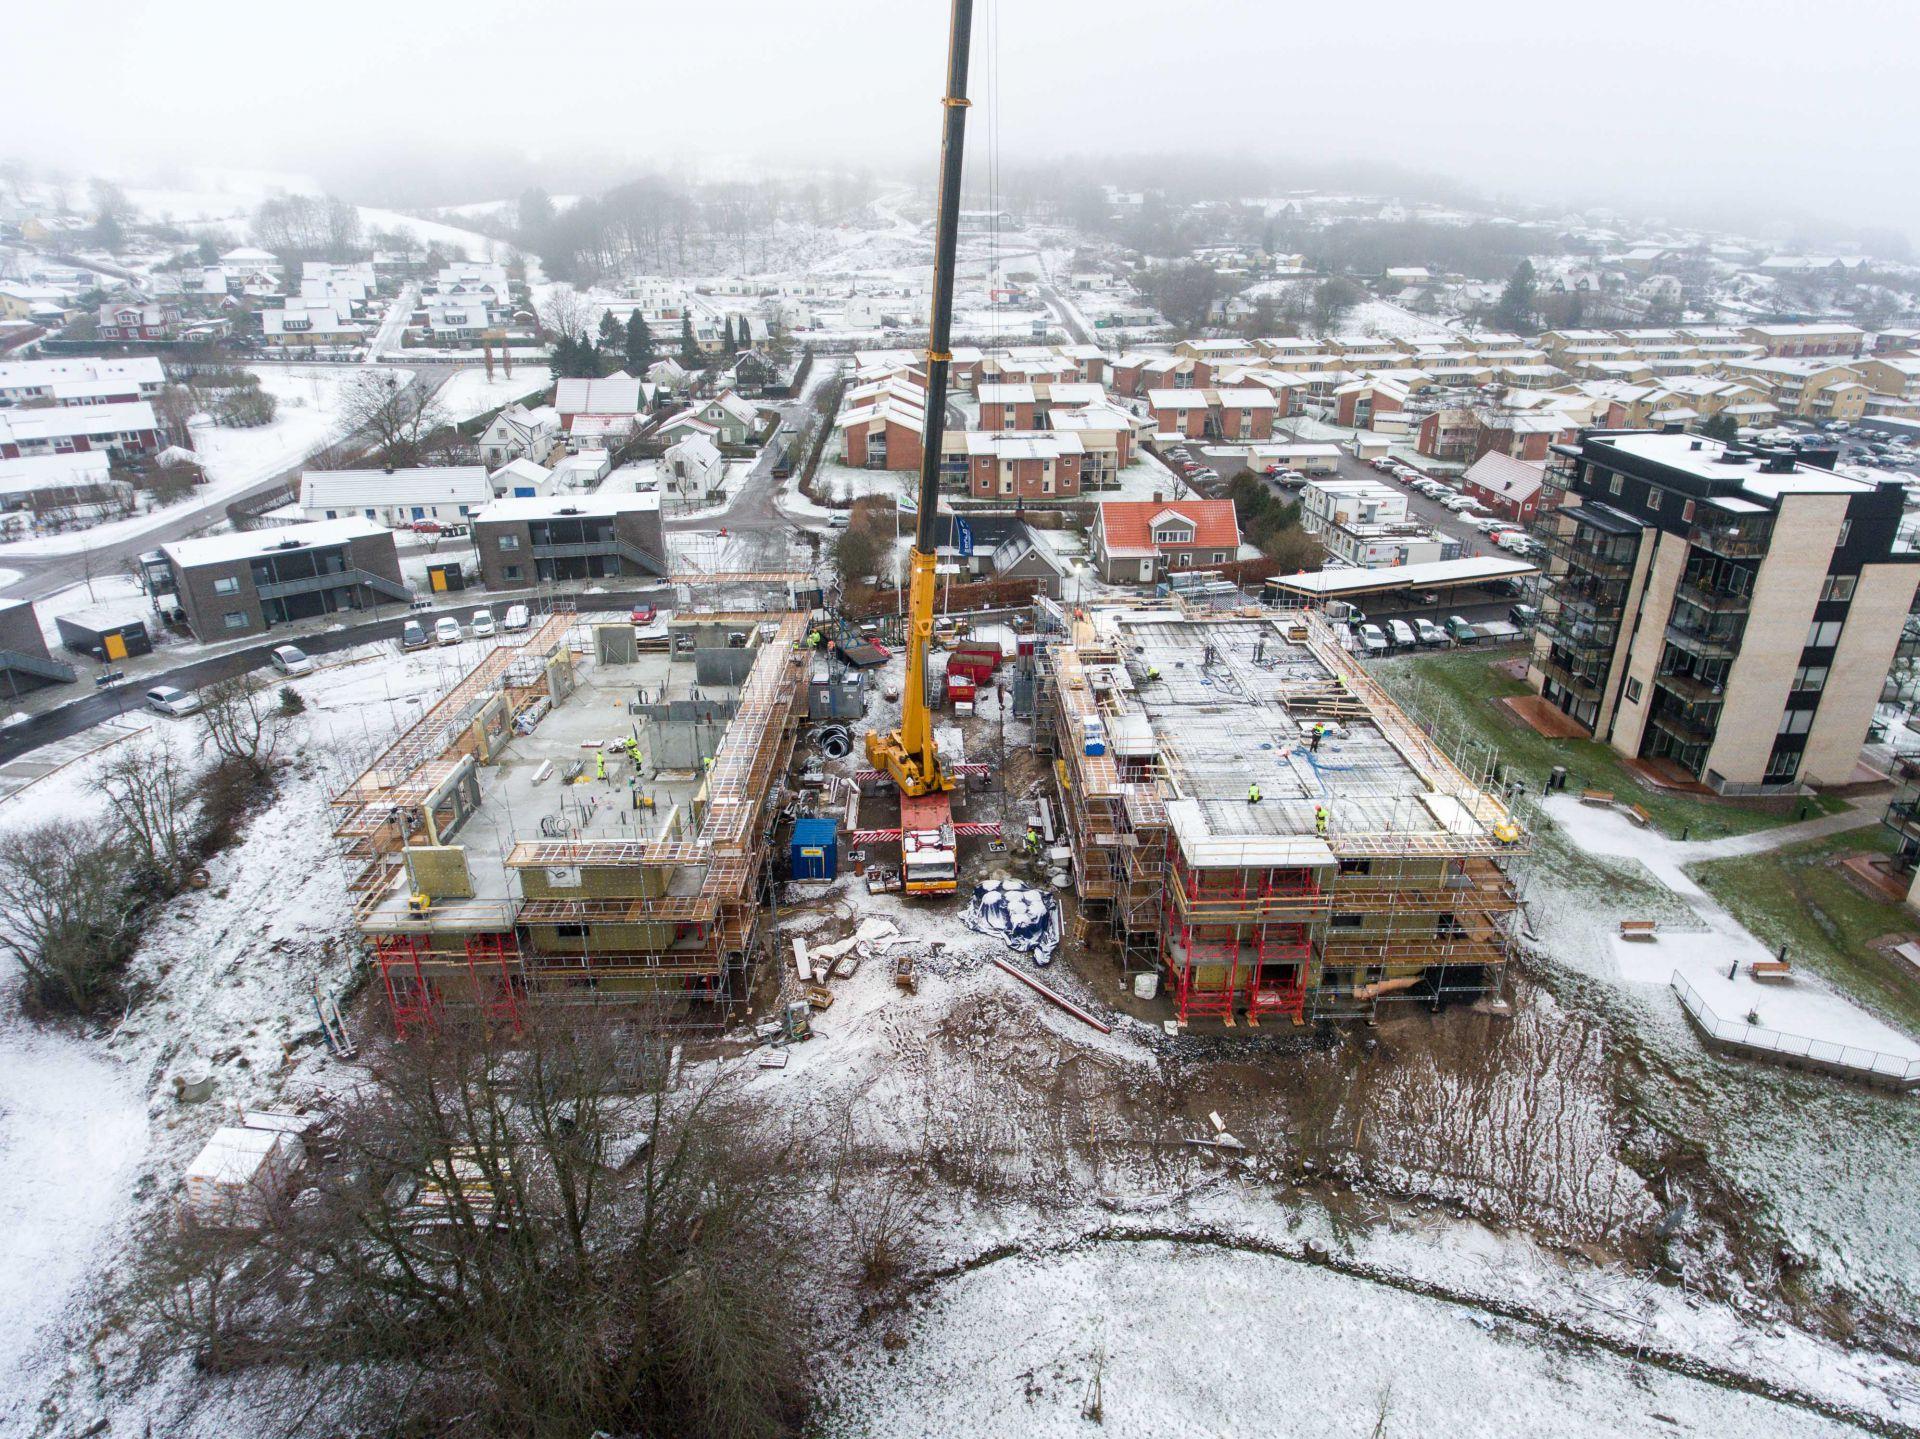 Översikt utav byggplats för Apelgården och Armobacken i Båstad med vinterlandskap och närliggande samhälle